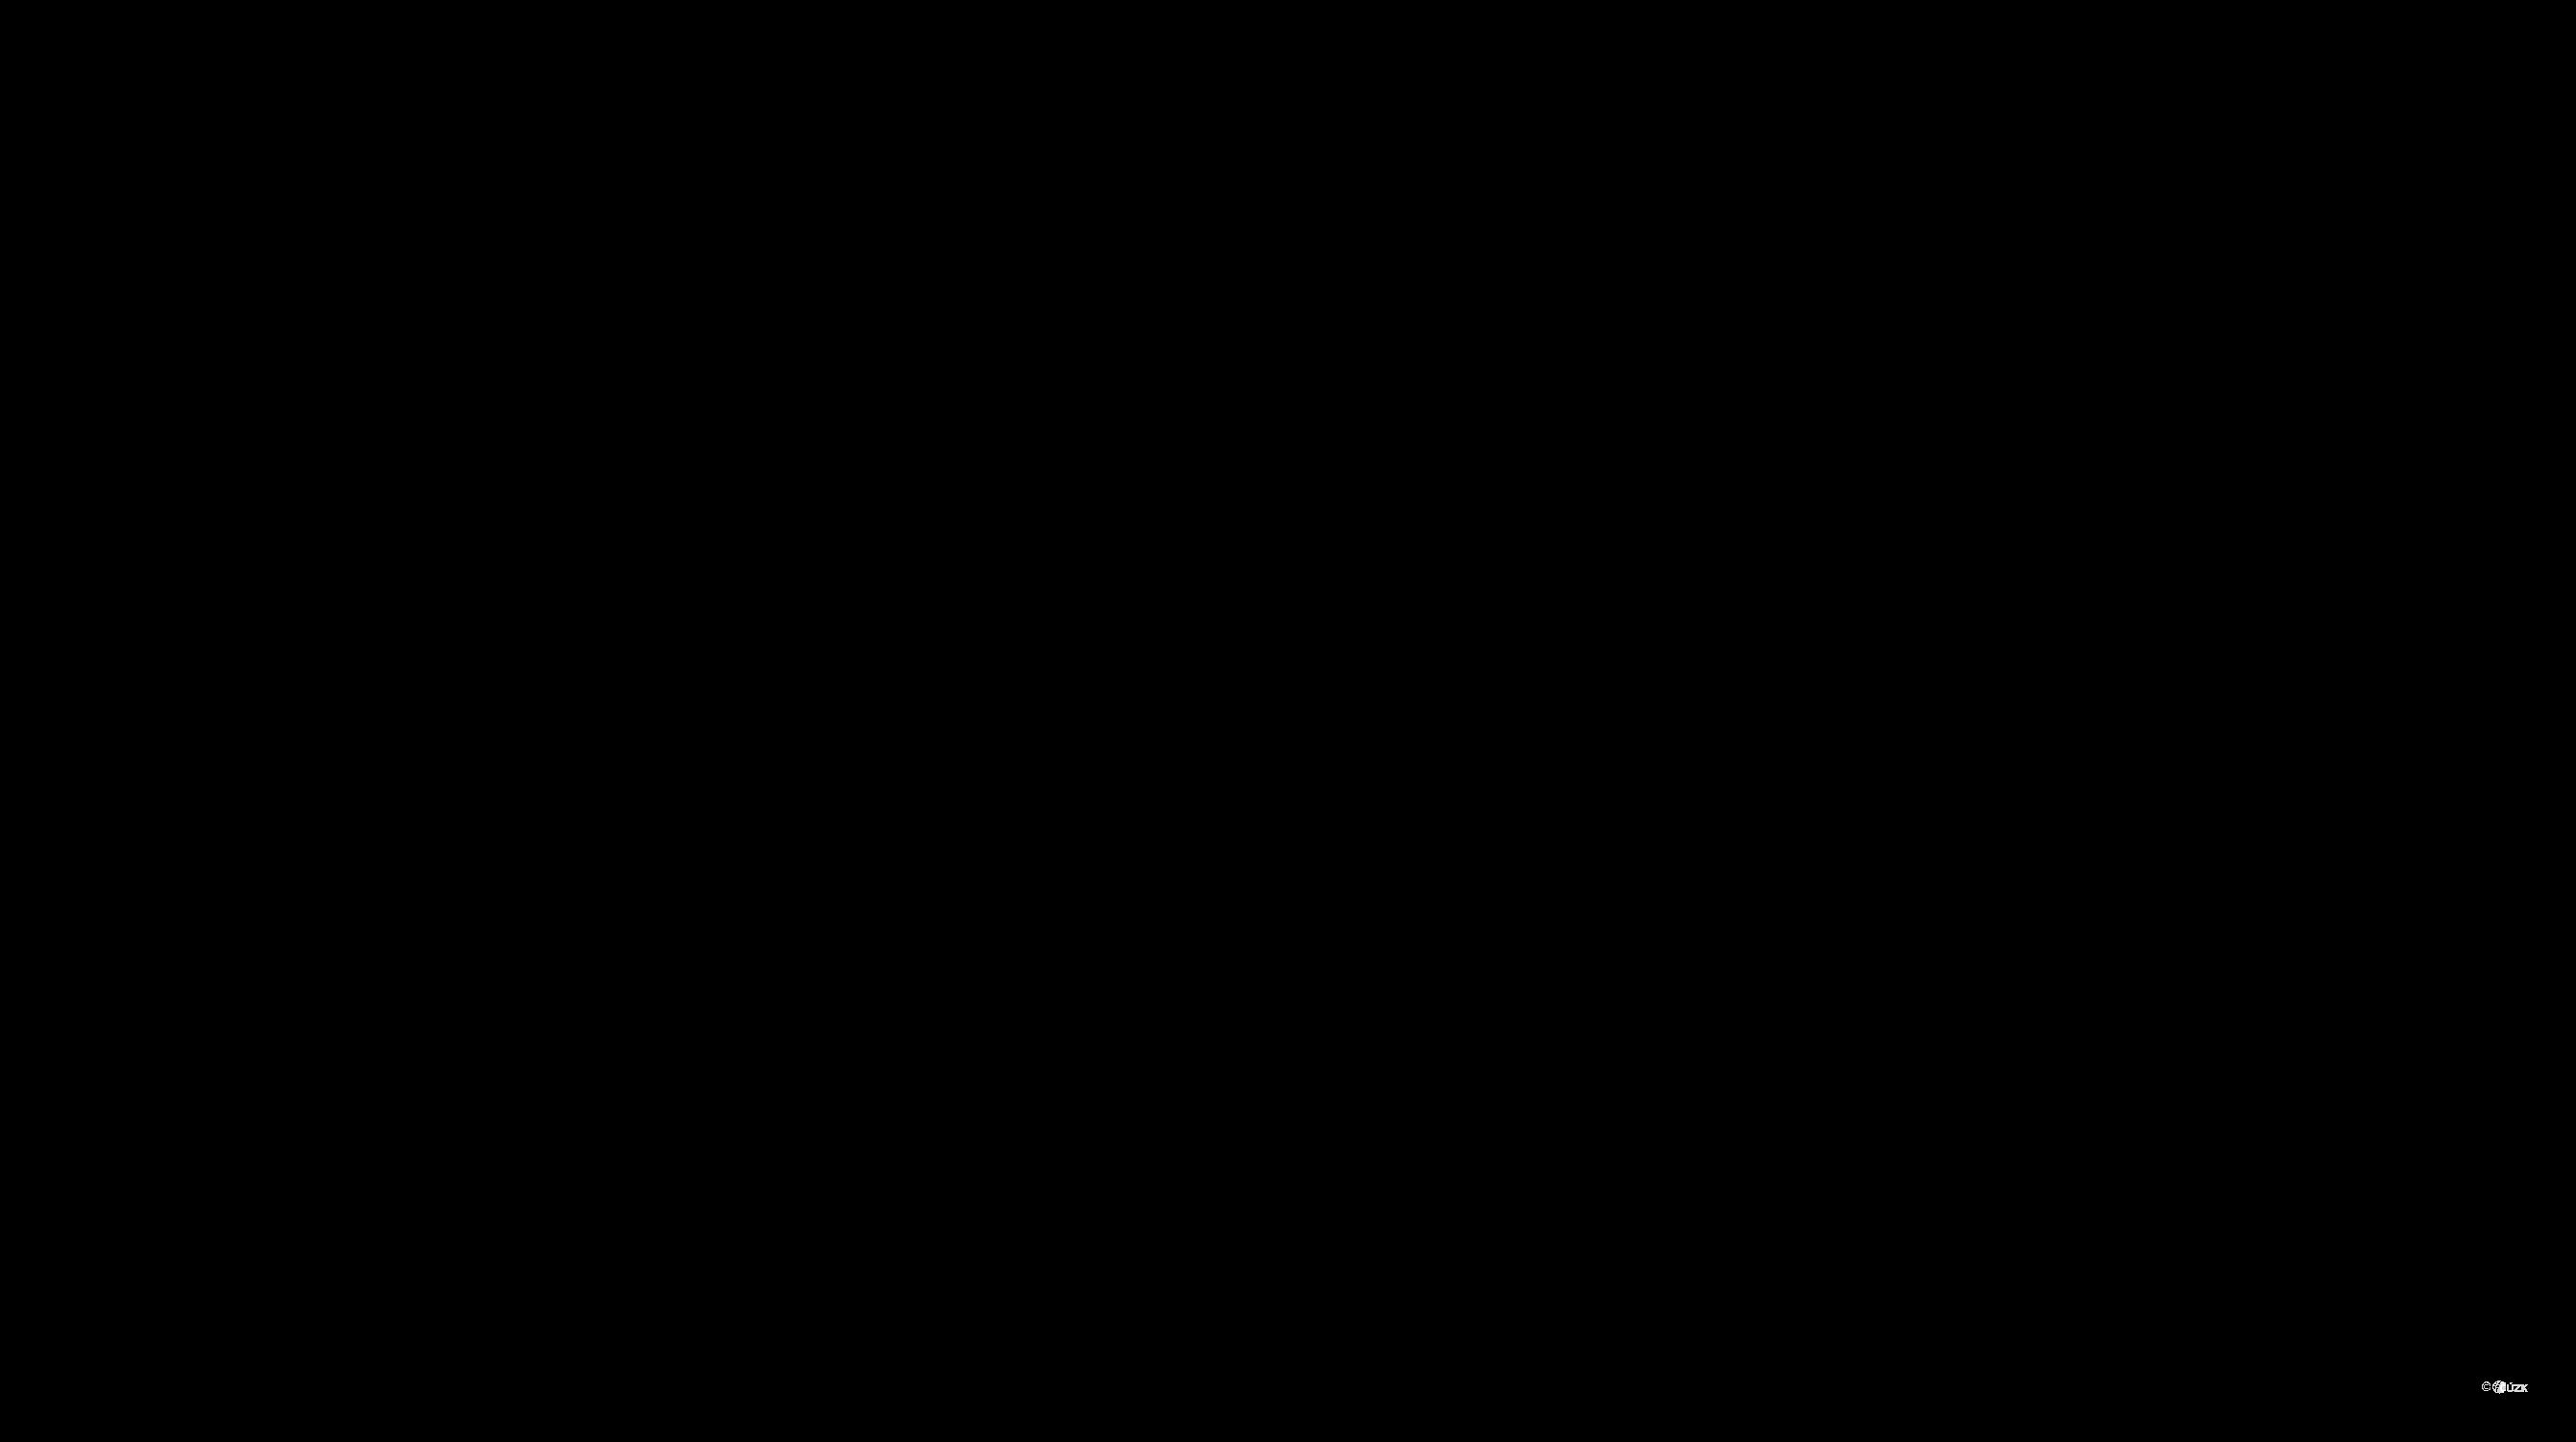 Katastrální mapa pozemků a čísla parcel Chvalovice